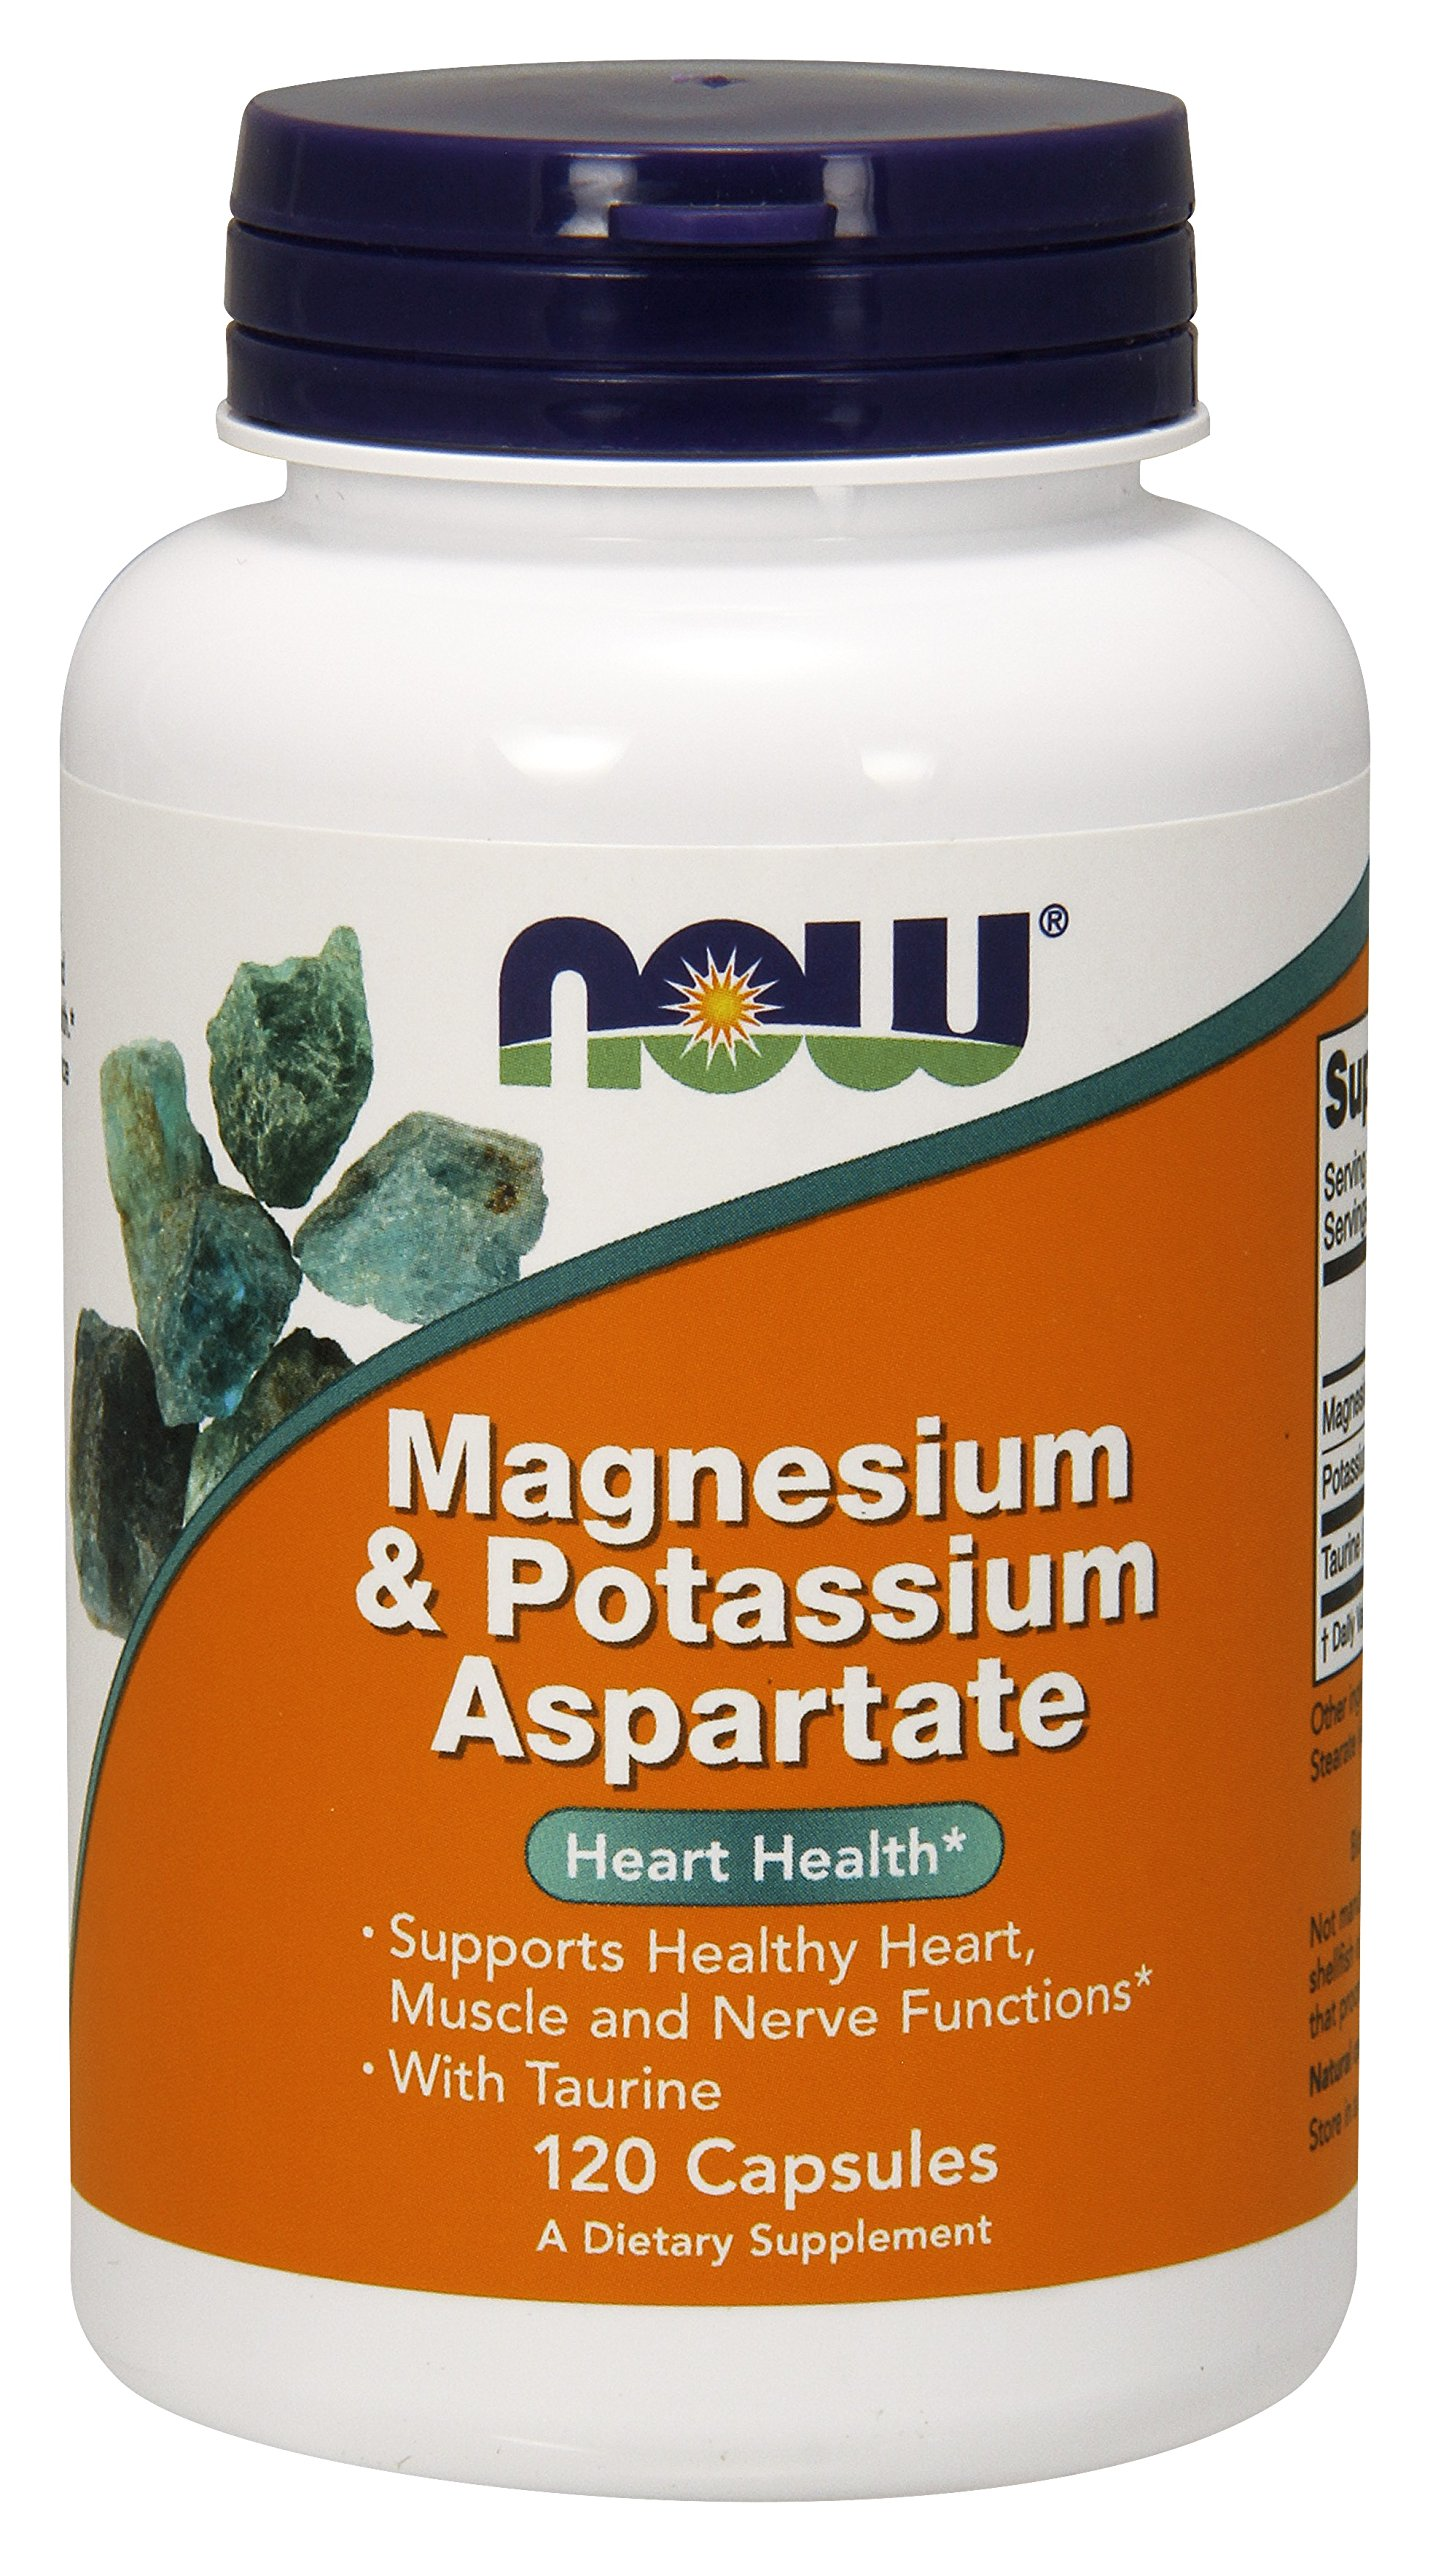 NOW Magnesium & Potassium Aspartate with Taurine,120 Capsules